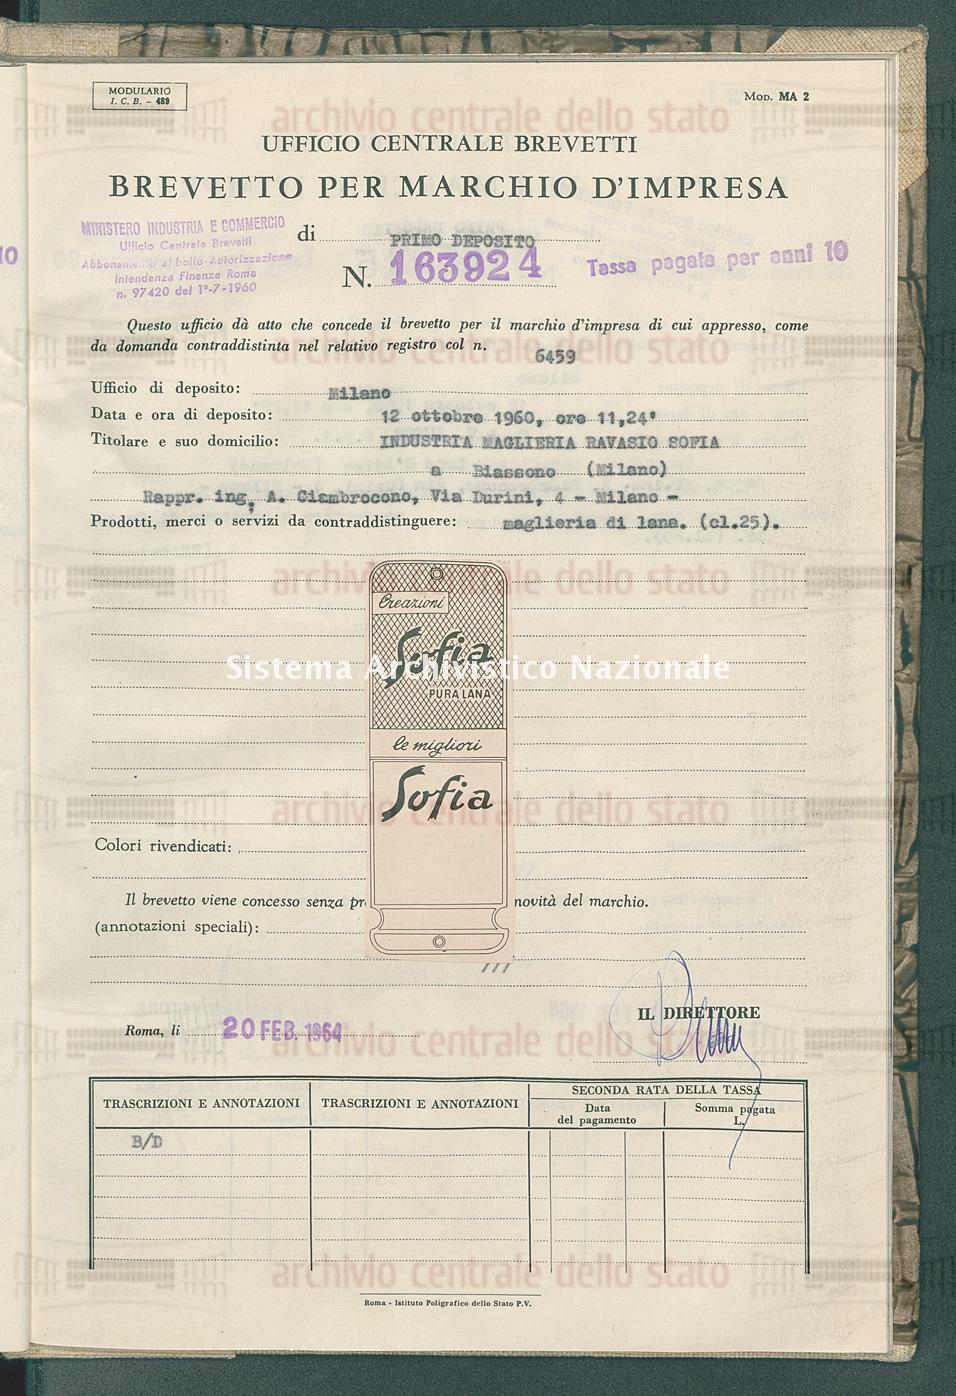 Maglieria di lana Industria Maglieria Ravasio Sofia (20/02/1964)